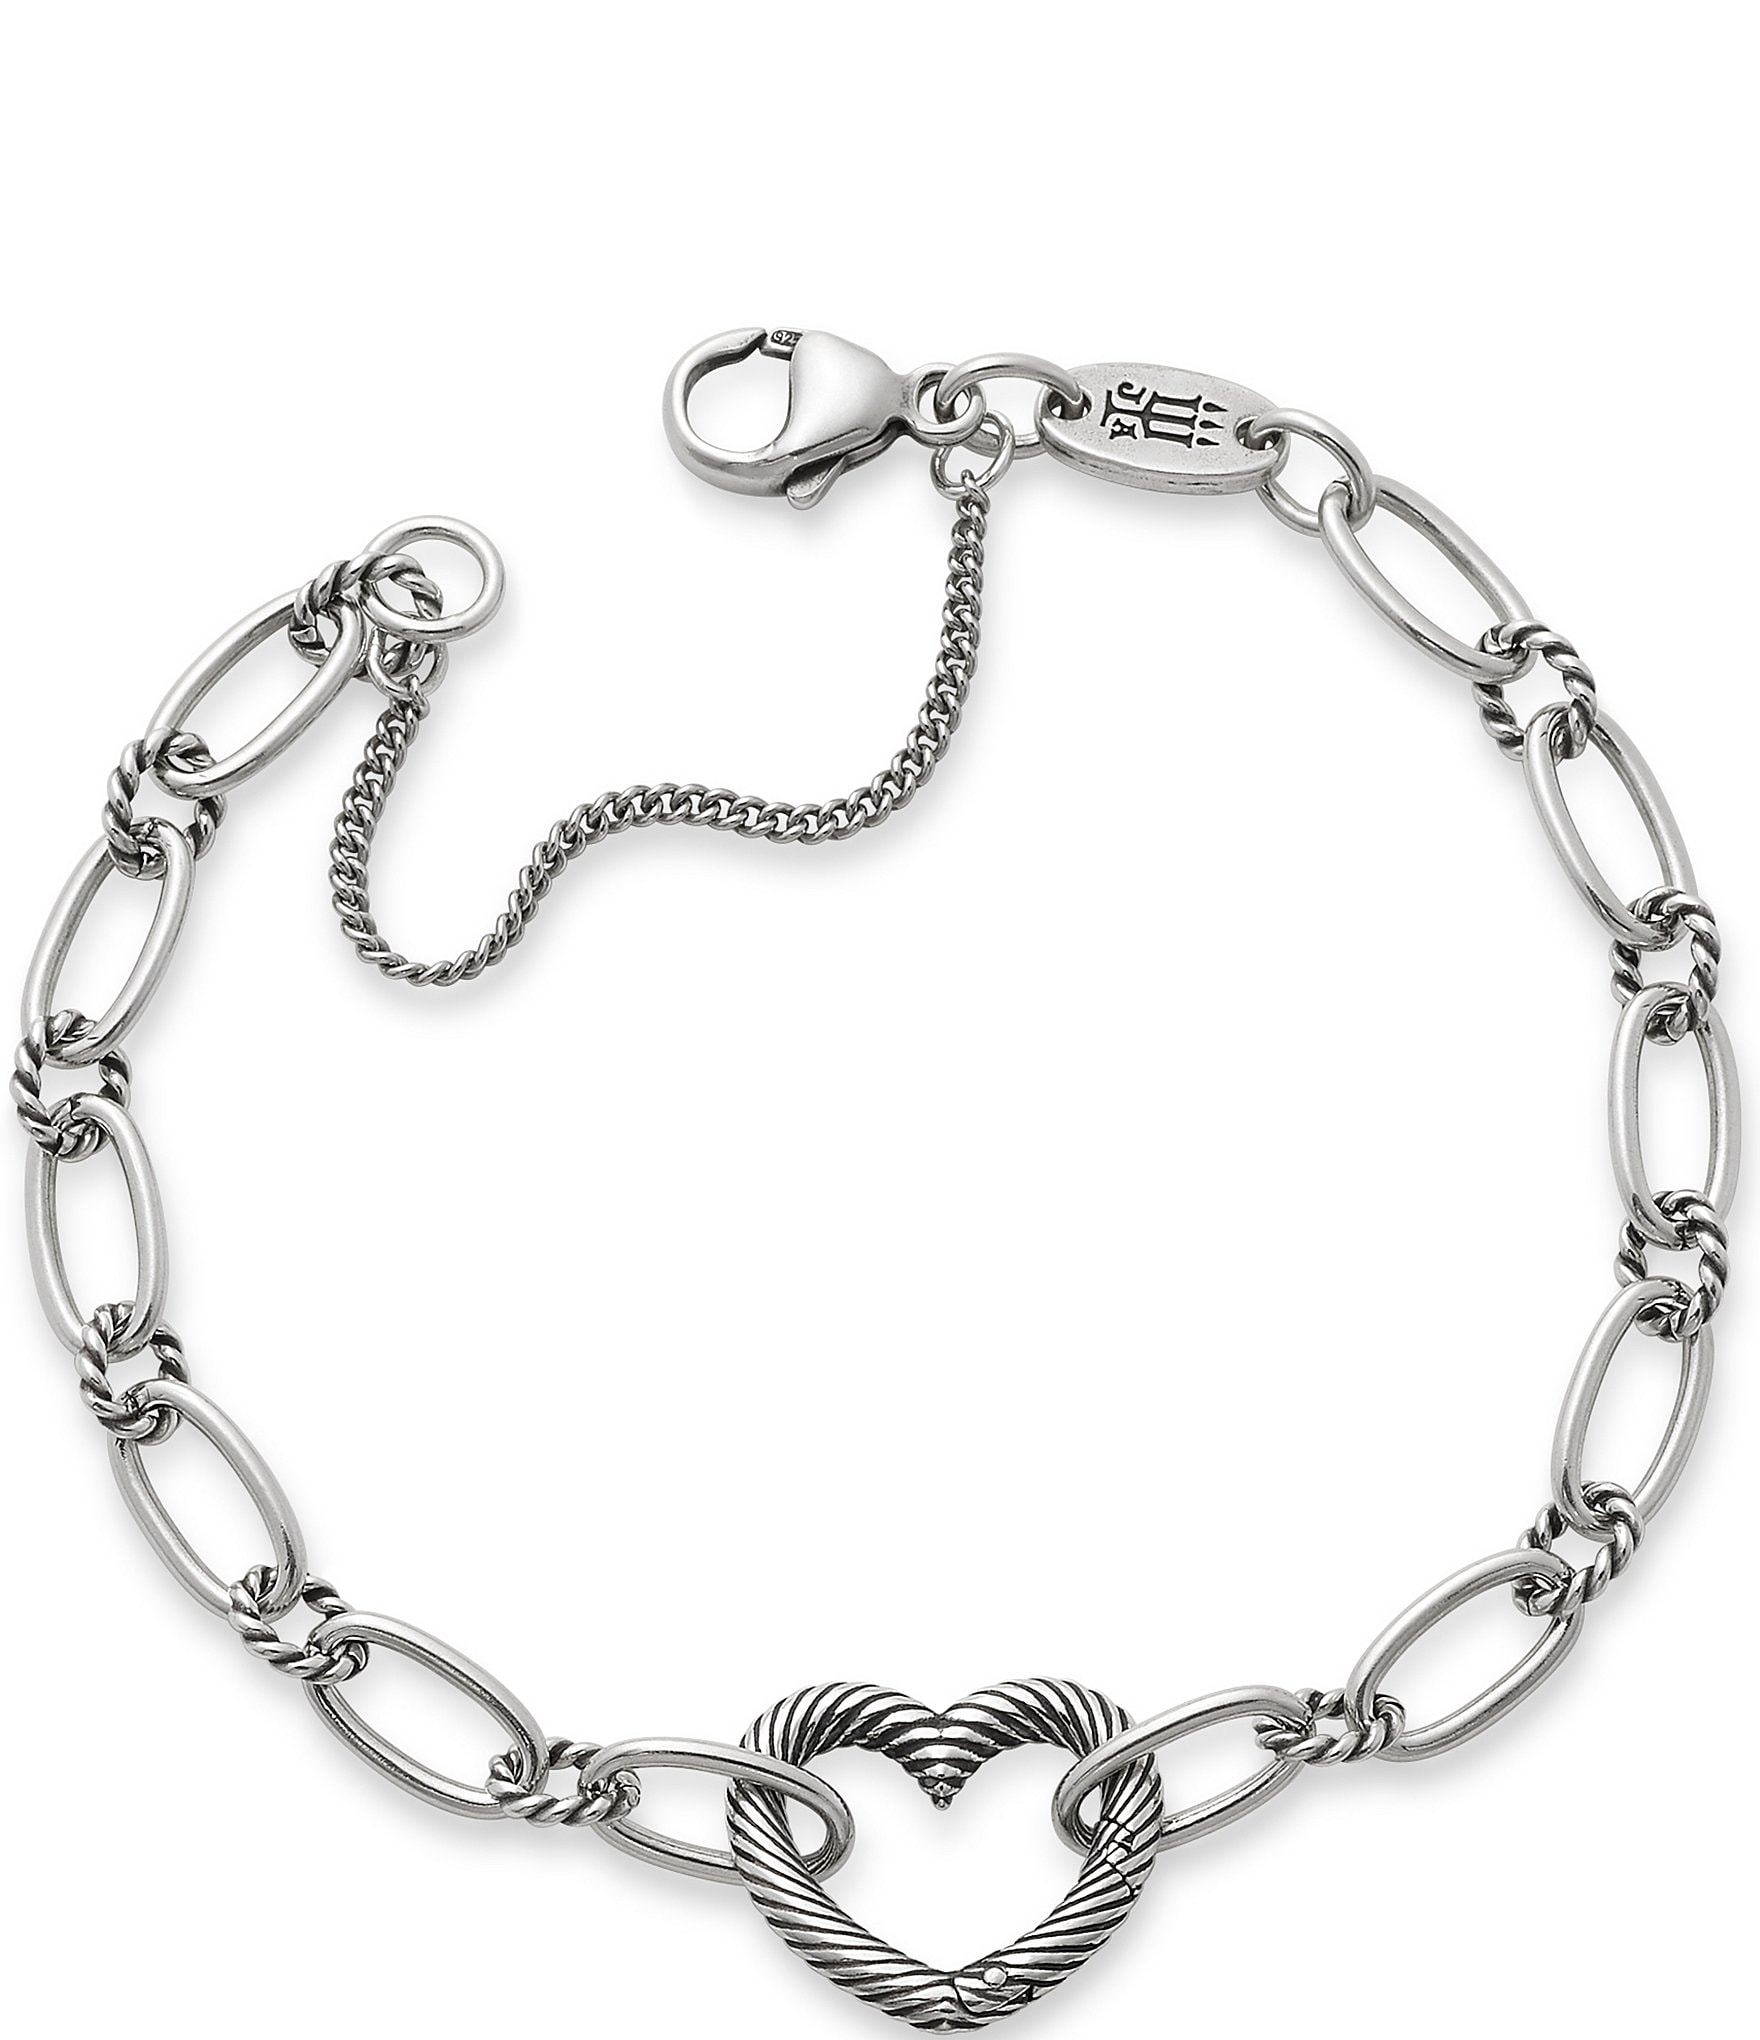 James Avery Changeable Heart Charm Bracelet   Dillard's